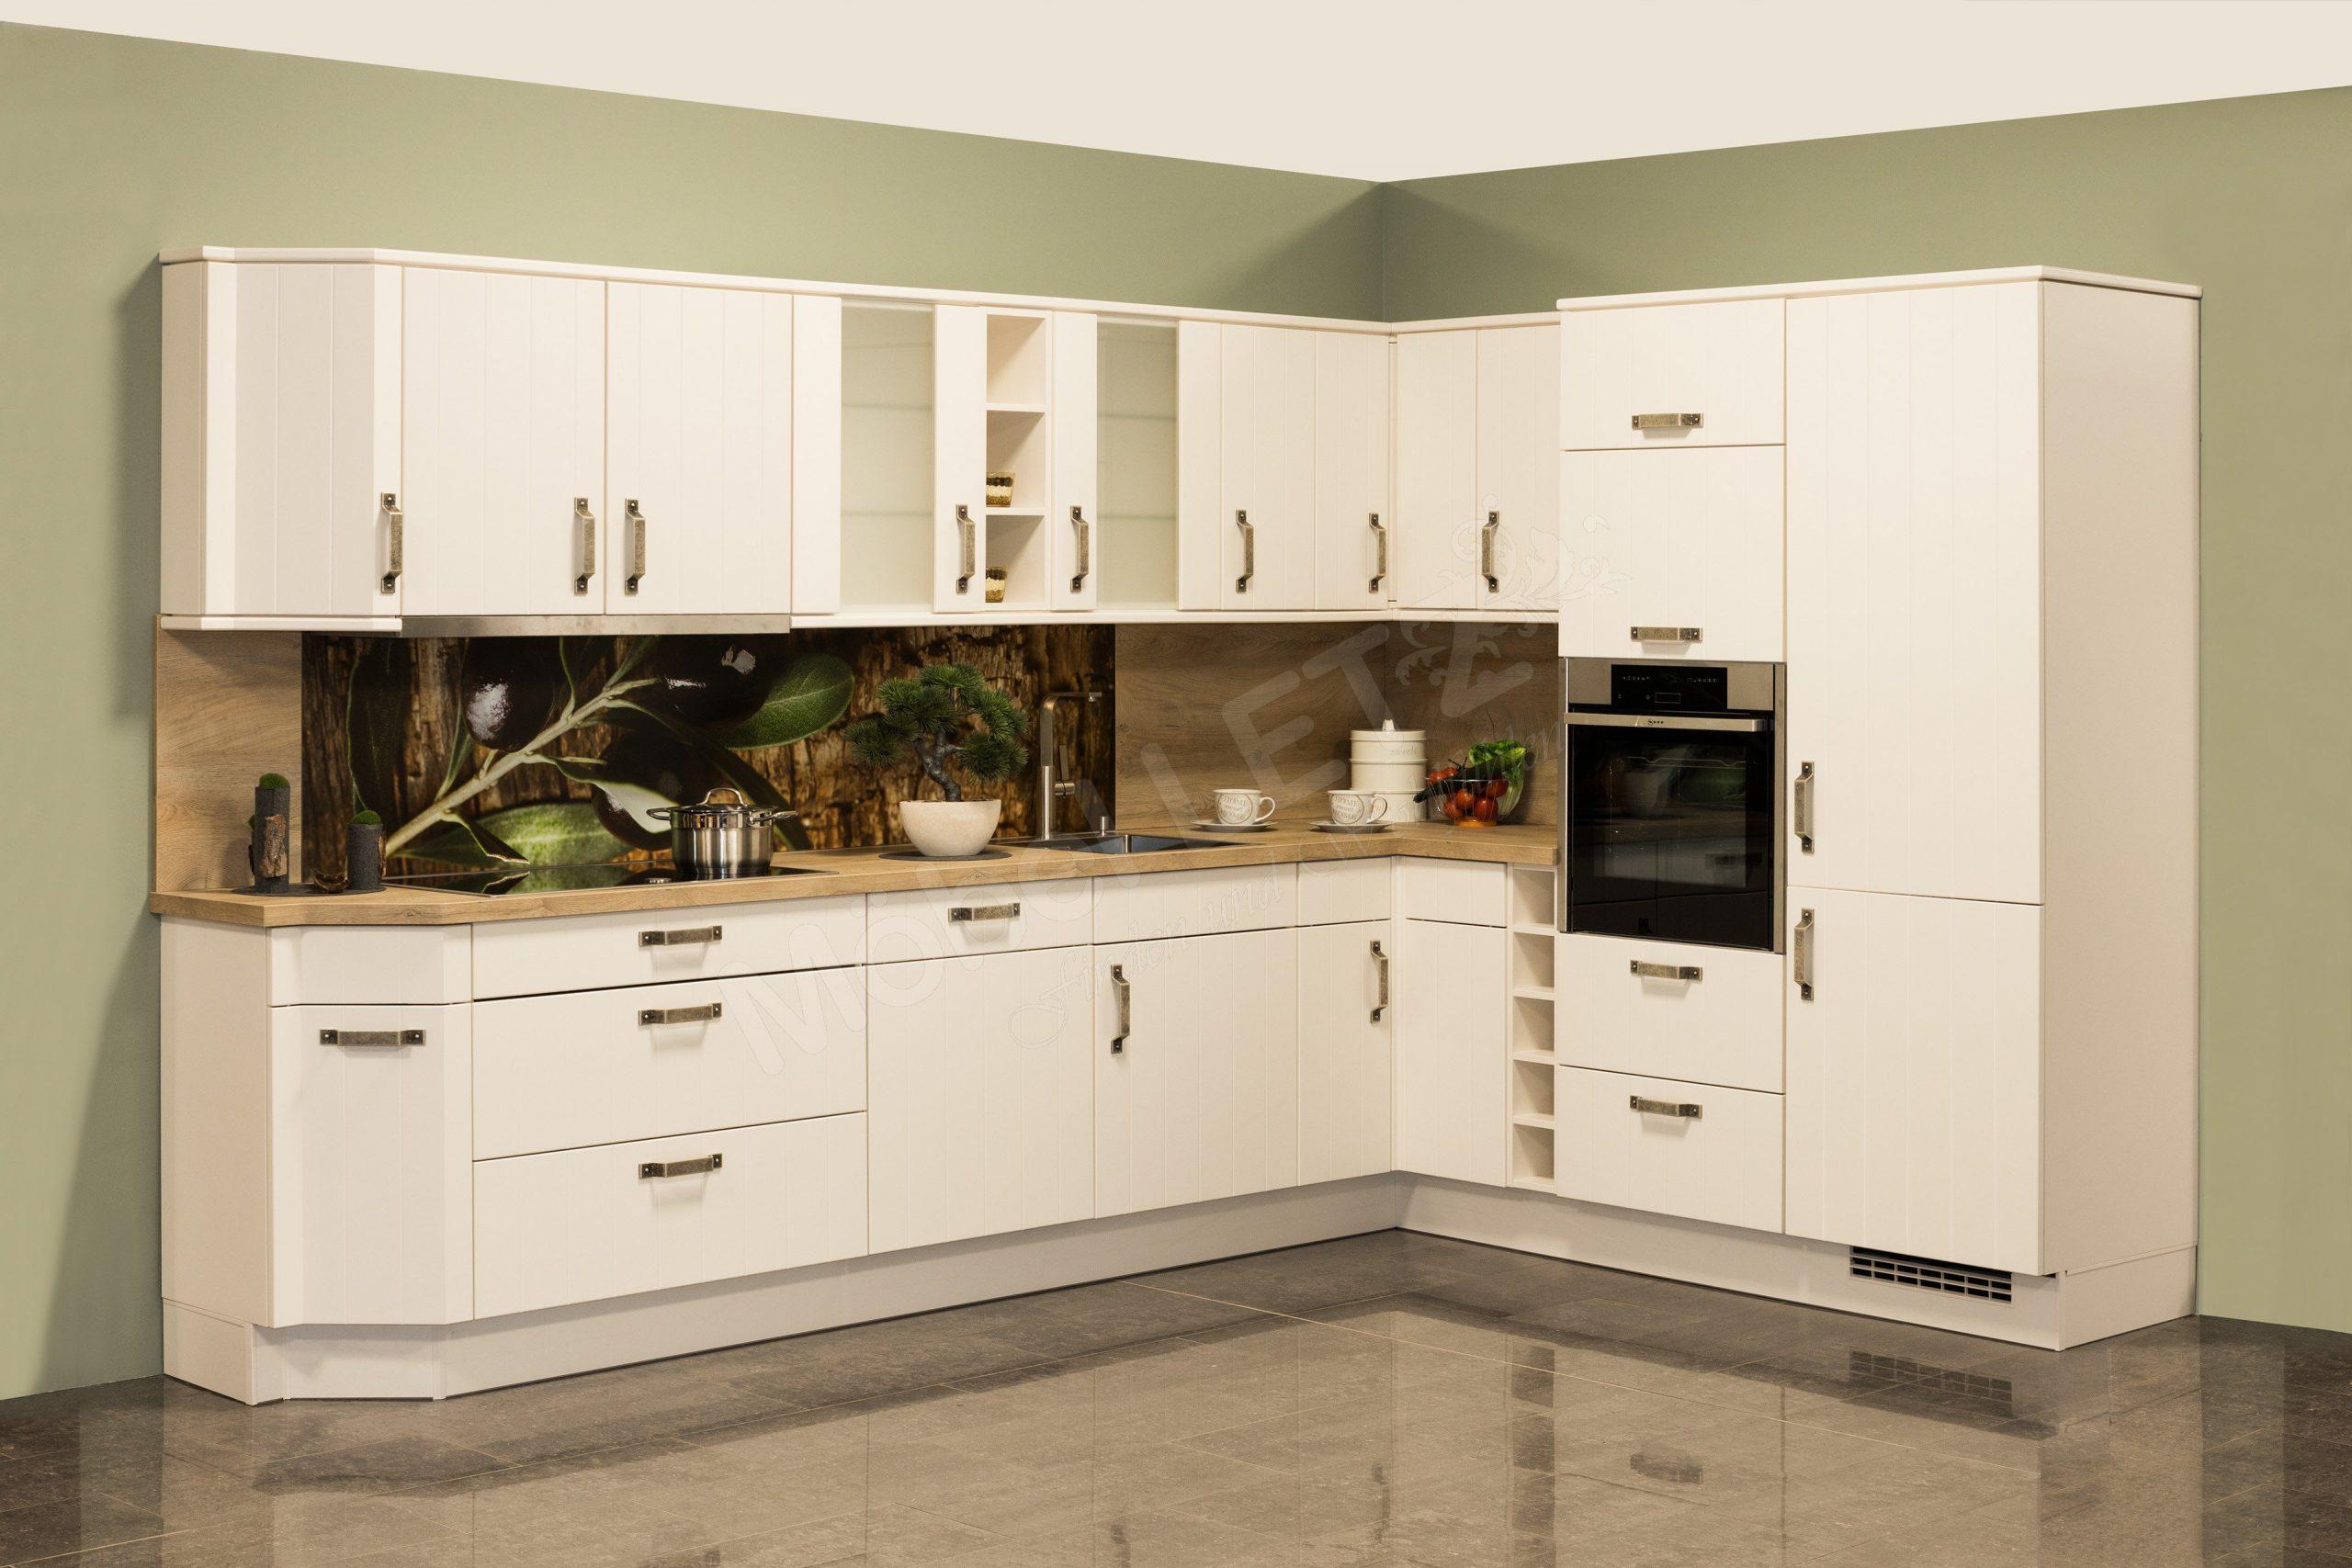 Full Size of Einbauküche Kaufen Deutschland Einbauküche Kaufen Ikea Kühlschrank Für Einbauküche Kaufen Günstig Einbauküche Kaufen Küche Einbauküche Kaufen